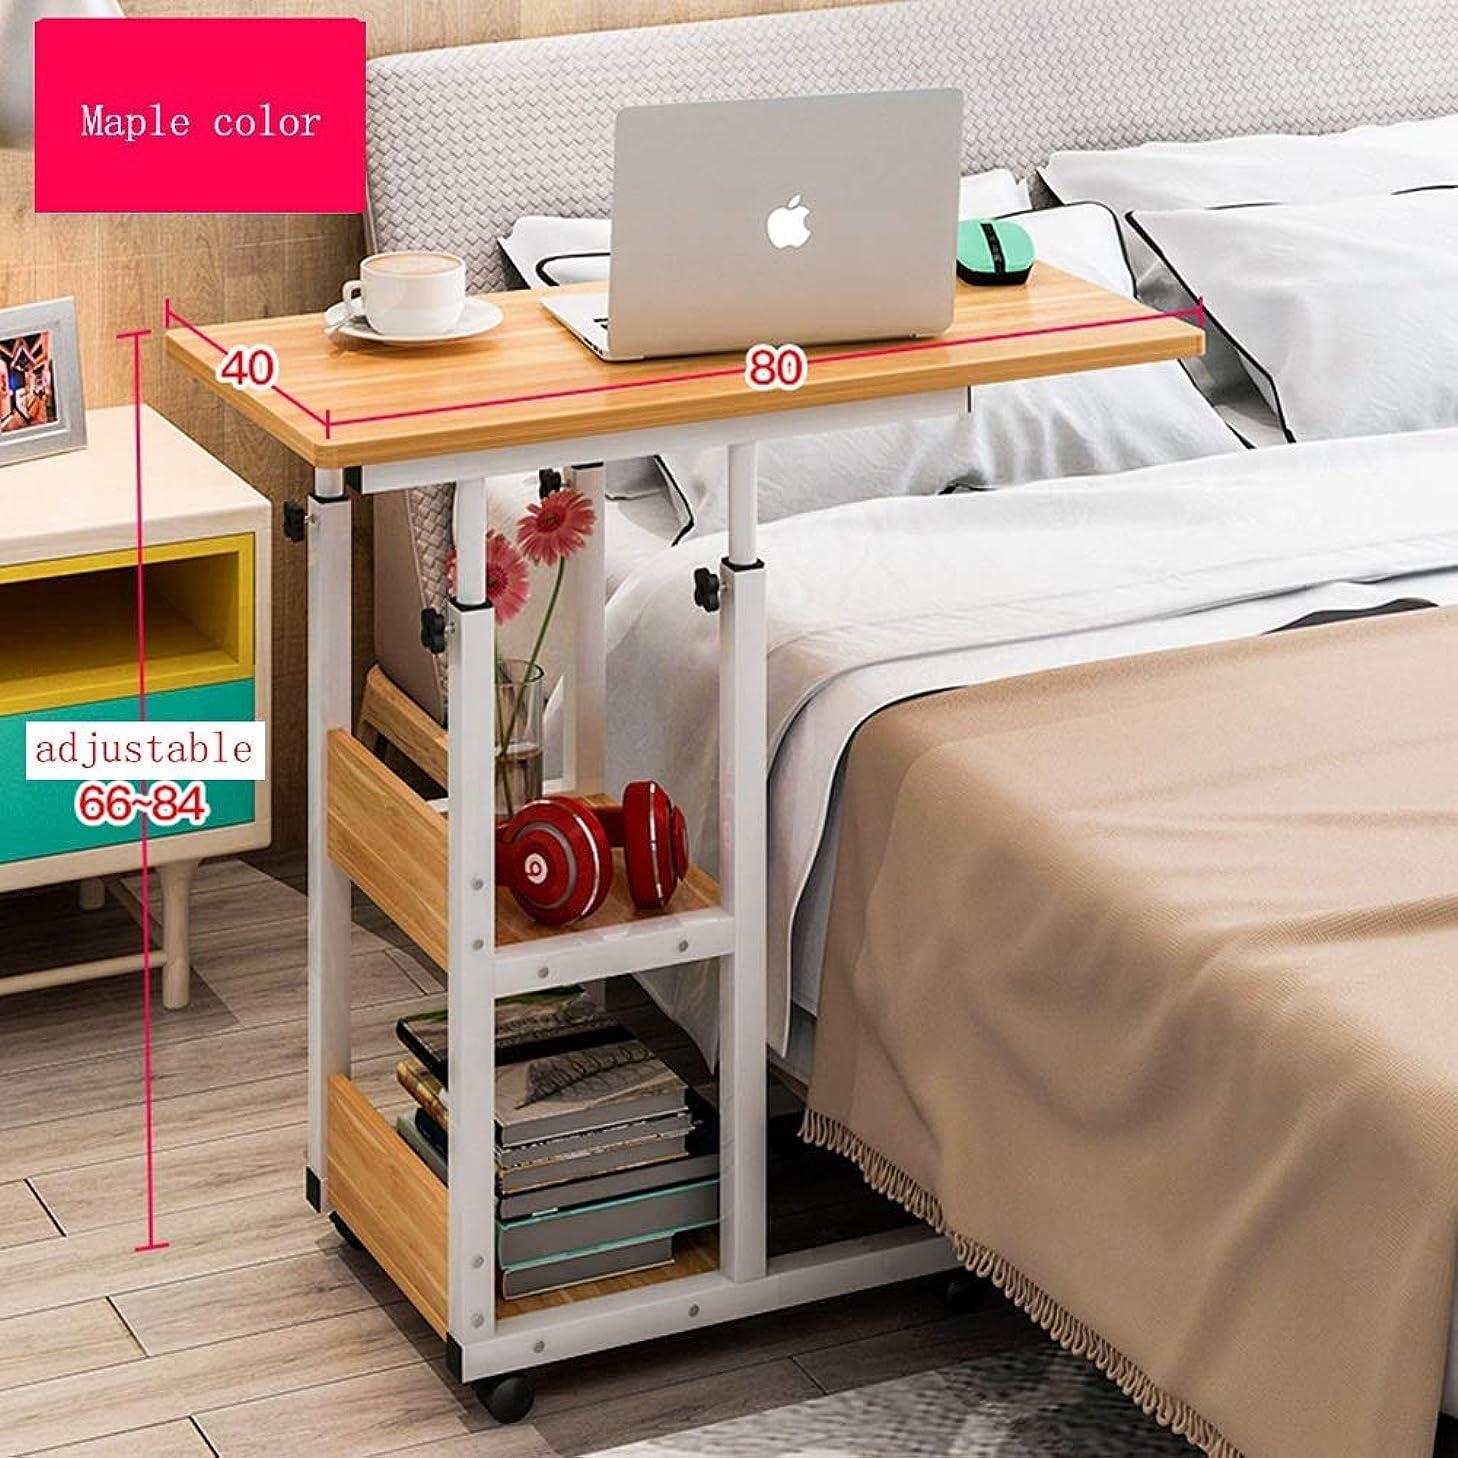 無ブラウスレベル多機能高さ調節可能なオーバーベッドテーブル、ソファーテーブル、ソファテーブル、ラップトップカート4色 (Color : A)